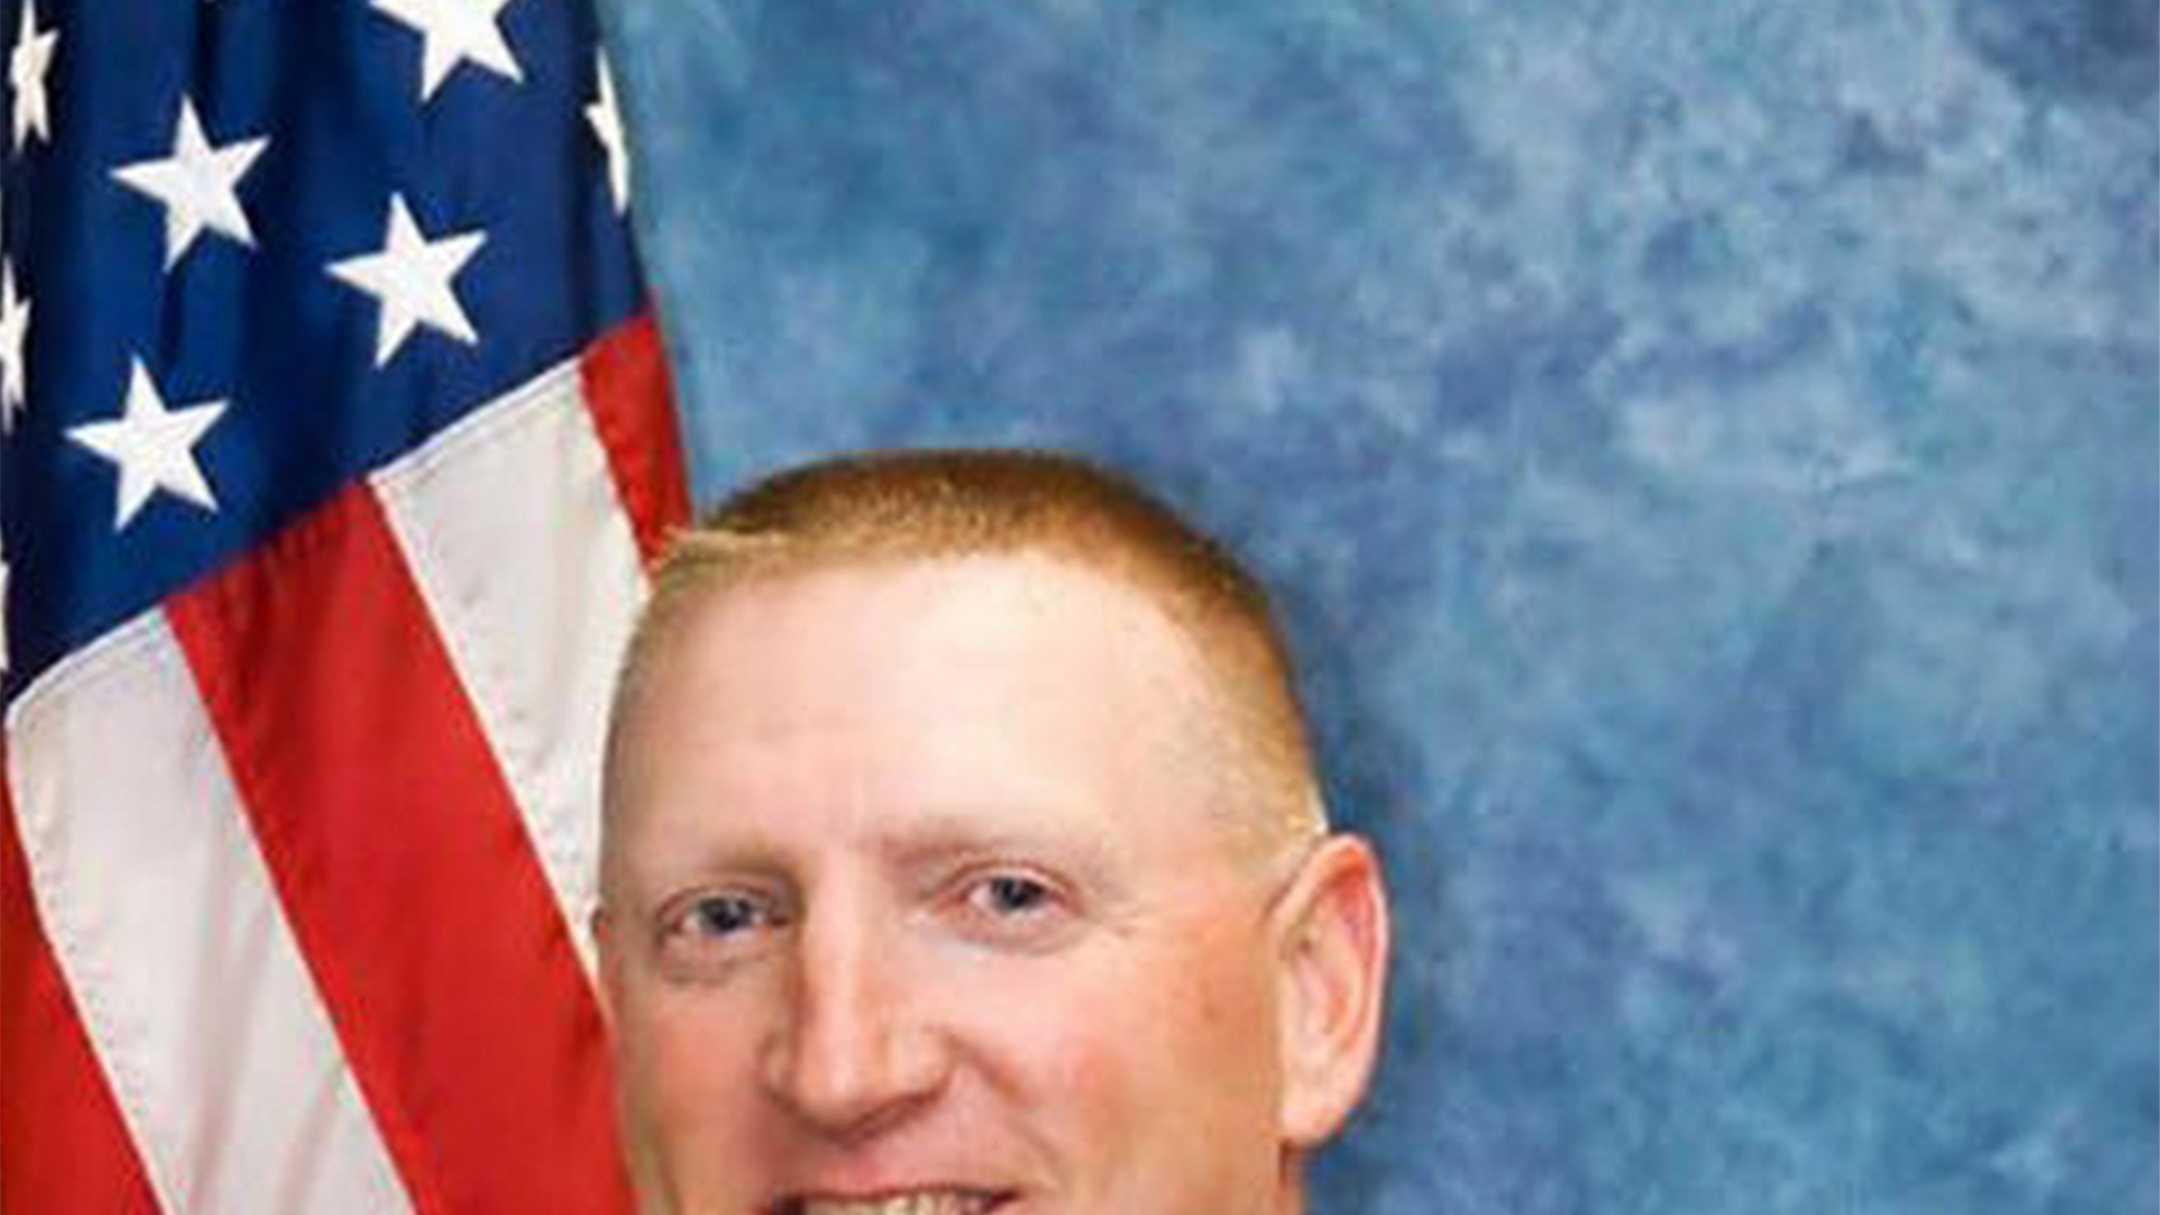 Sgt. Scott Lunger